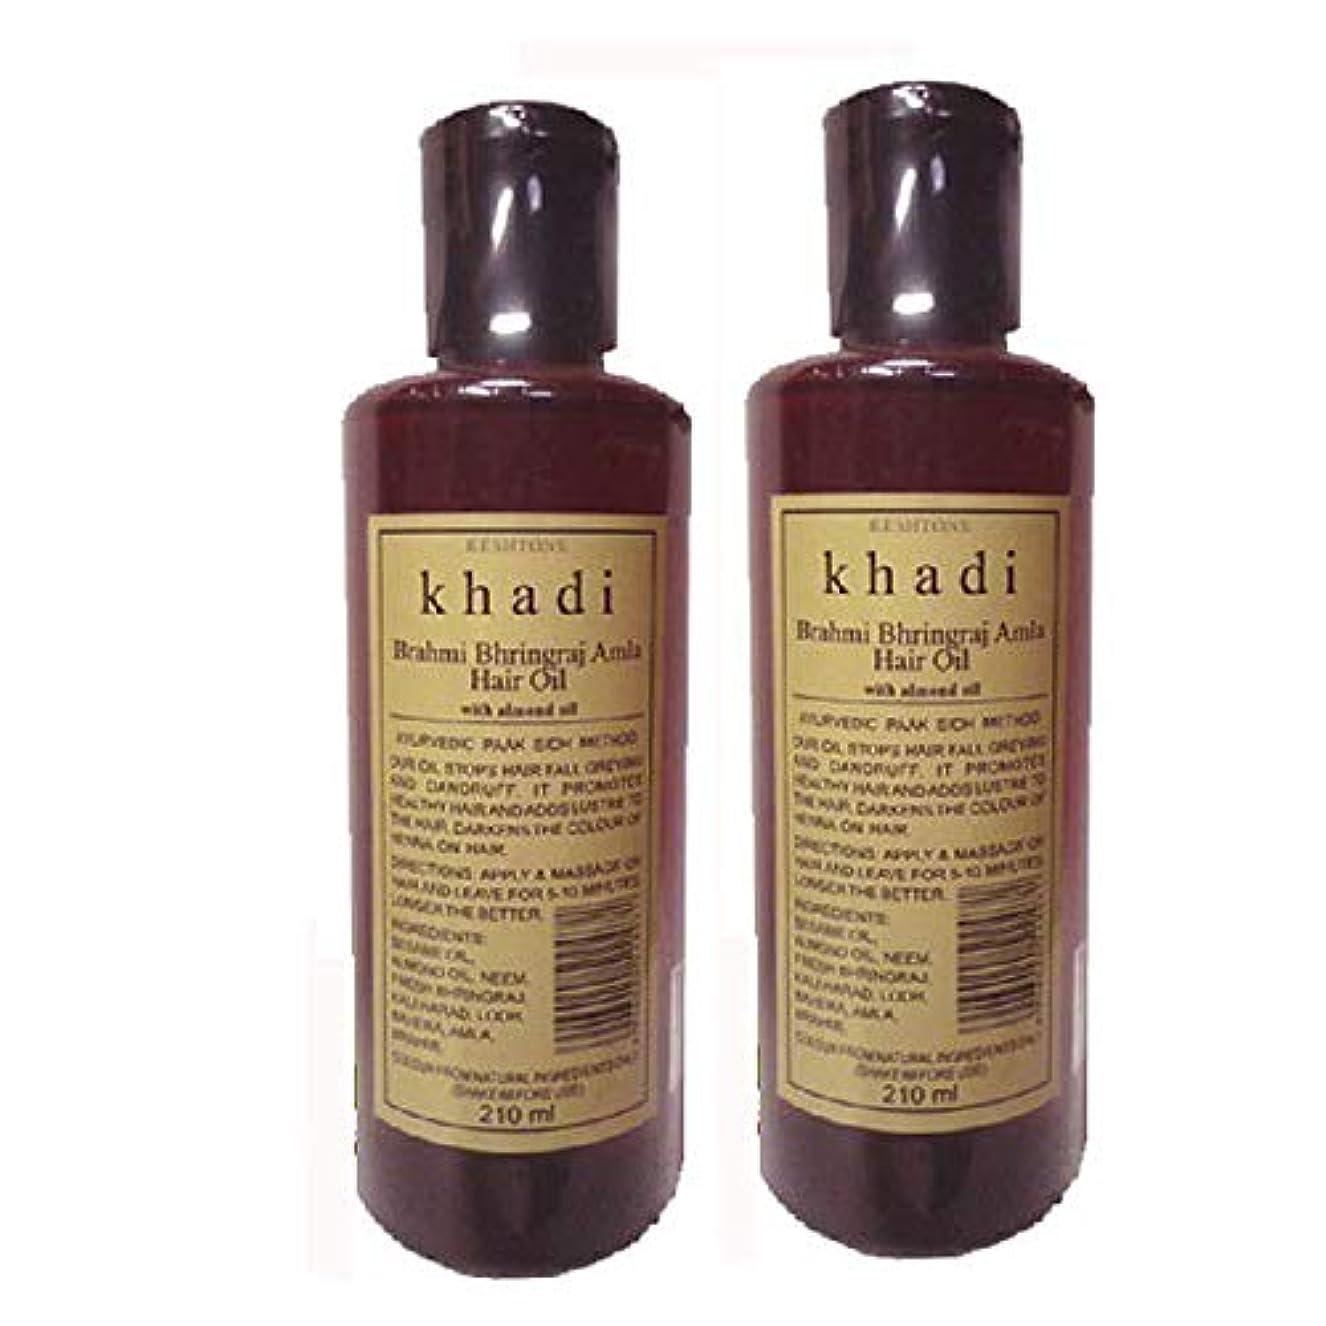 実際バン含意手作り カーディ ブラミ ブリングジ アムラ ヘアオイル 2本セット KHADI Brahmi Bhringraj Amla Hair Oil with almond oil 2set